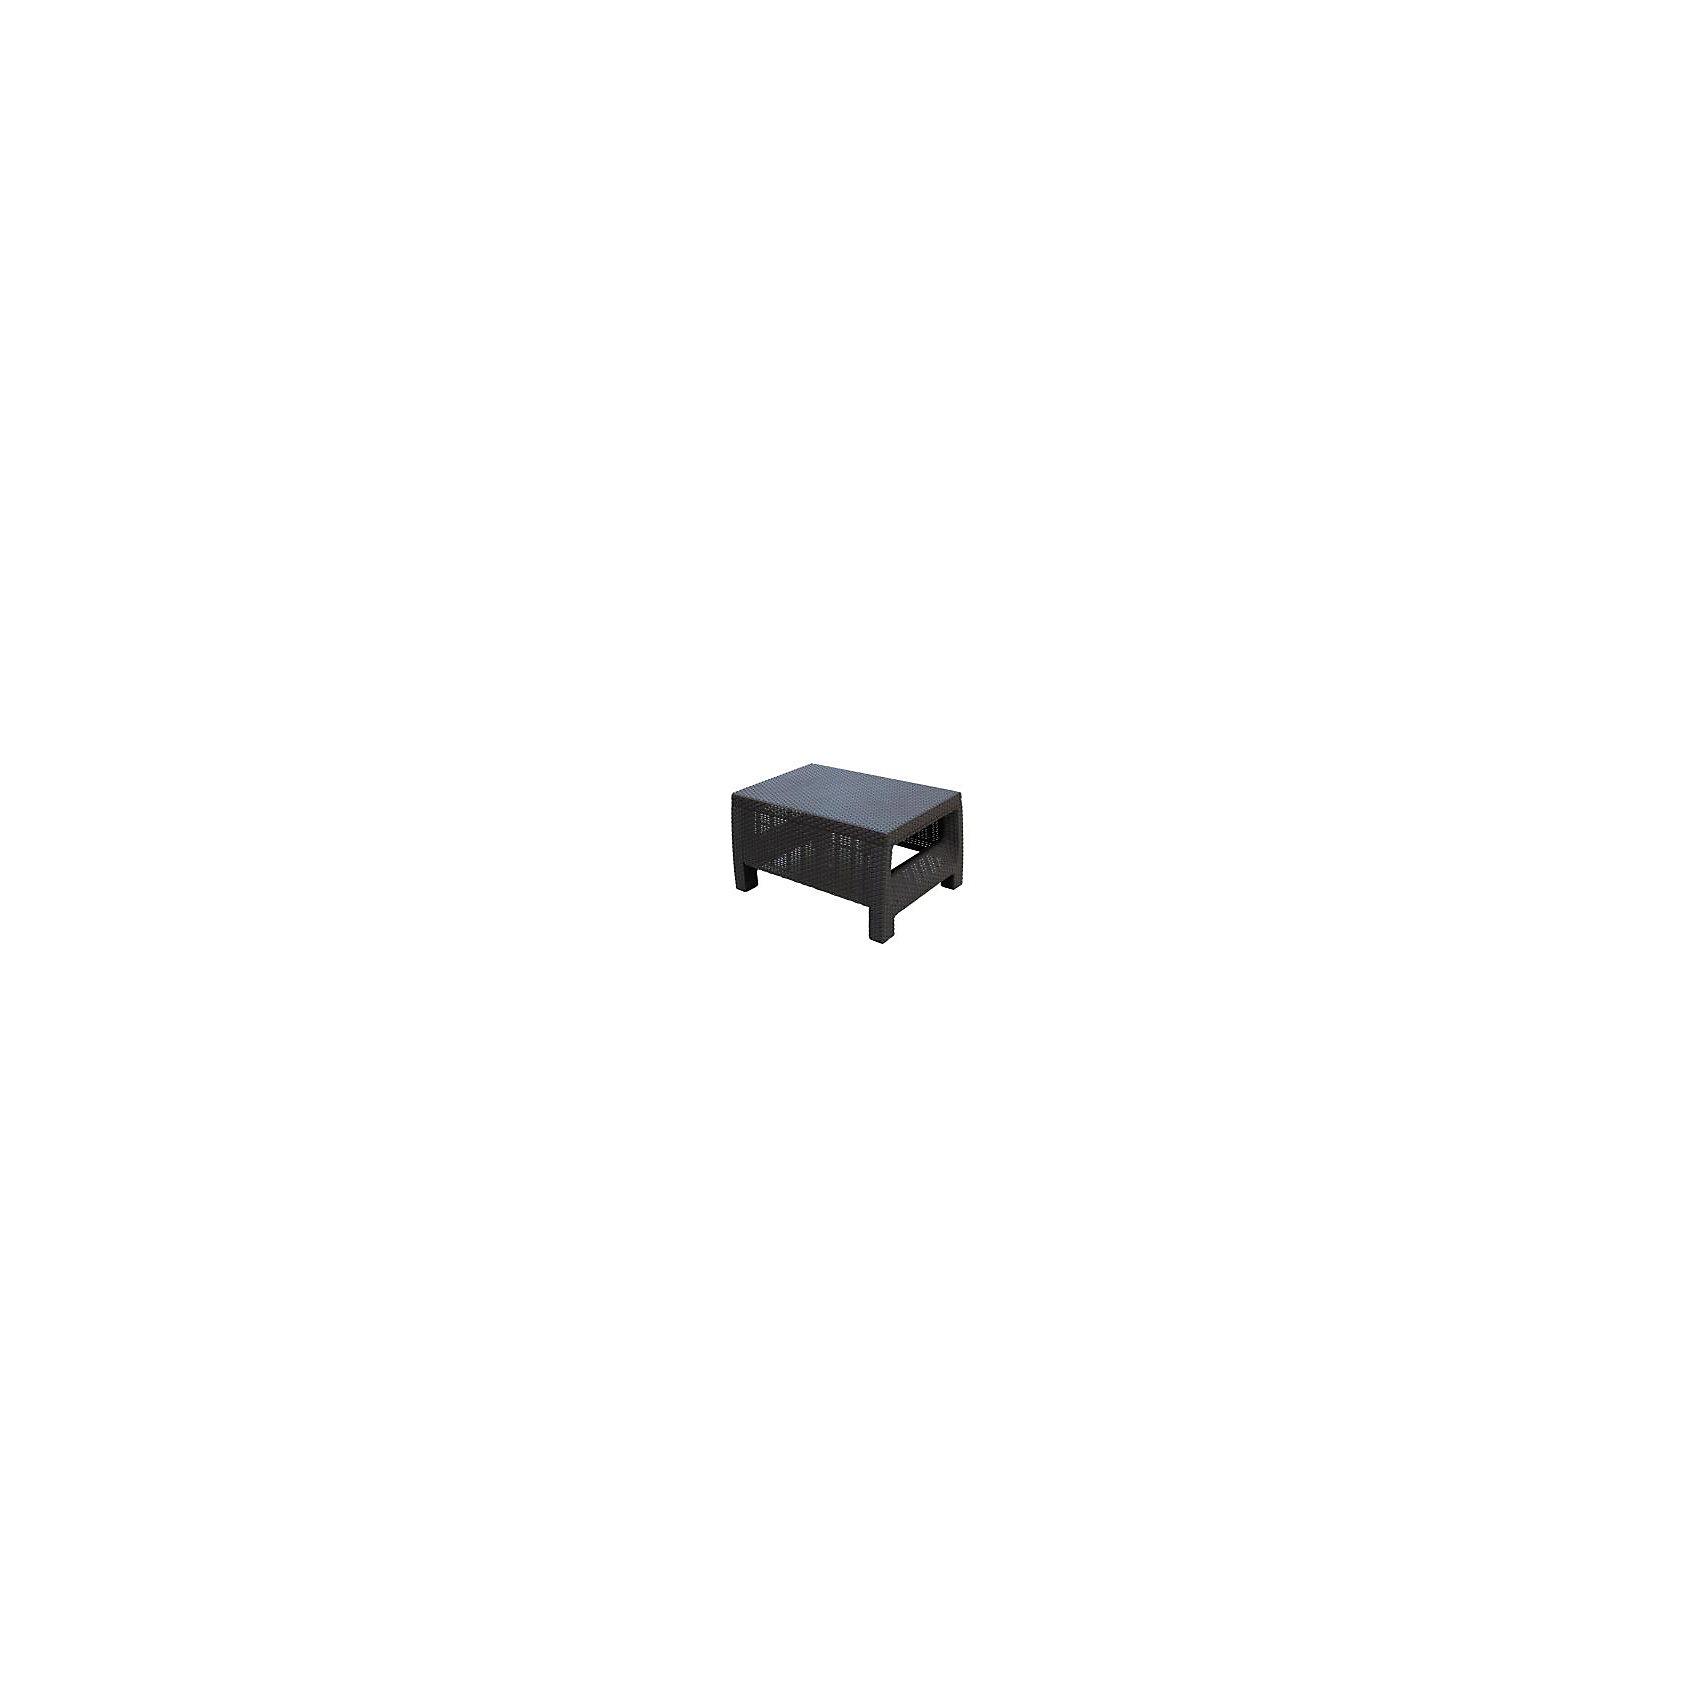 Стол Ротанг, прямоугольный, Alternativa, коричневыйСтол Ротанг 765х570х420, Alternativa (Альтернатива), коричневый<br><br>Характеристики:<br><br>• подходит в качестве журнального столика<br>• приятный дизайн<br>• материал: пластик<br>• размер стола: 76,5х57х42 см<br>• вес: 3,38 кг<br>• цвет: коричневый<br><br>Универсальный стол Ротанг отлично подойдет в качестве журнального столика, подставки или стола для отдыха на природе. Лаконичный дизайн прекрасно подходит к любому интерьеру. Широкие ножки гарантируют столу устойчивость на любой поверхности. Стол Ротанг изготовлен из качественного пластика с высокой прочностью.<br><br>Стол Ротанг 765х570х420, Alternativa (Альтернатива), коричневый вы можете купить в нашем интернет-магазине.<br><br>Ширина мм: 765<br>Глубина мм: 570<br>Высота мм: 420<br>Вес г: 4100<br>Возраст от месяцев: 12<br>Возраст до месяцев: 1188<br>Пол: Унисекс<br>Возраст: Детский<br>SKU: 5436208